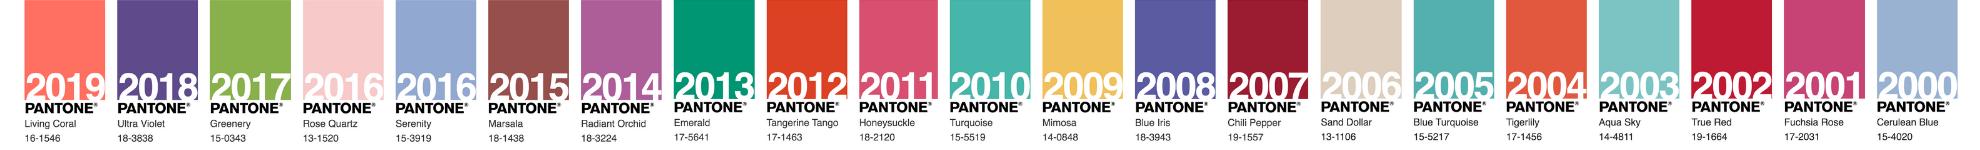 De Pantone kleur van het jaar 2000-2019